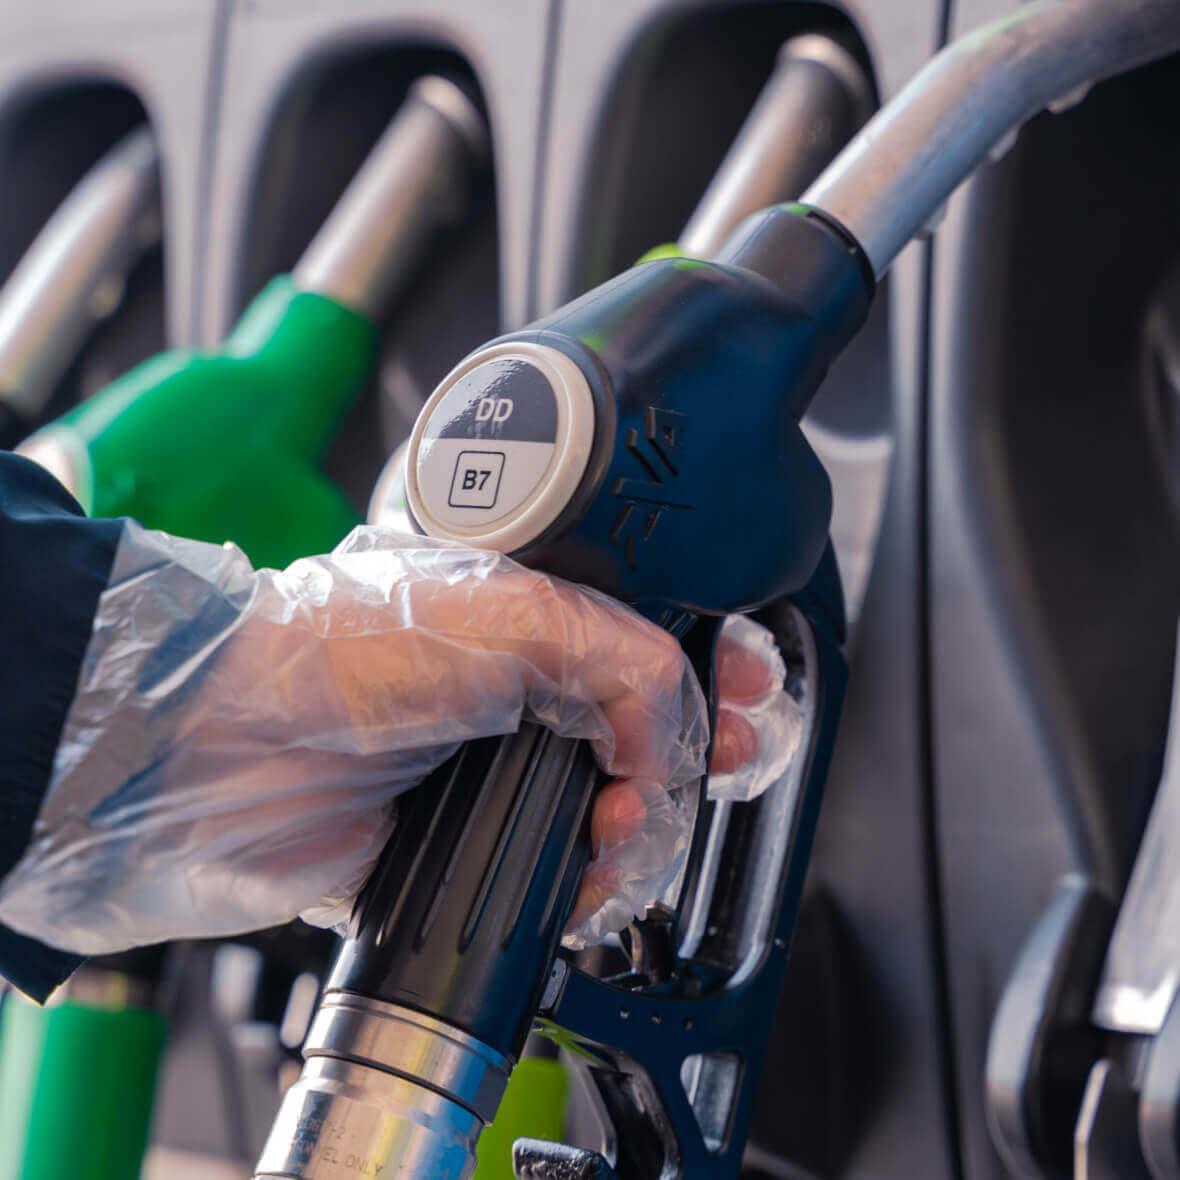 Eine Person hält den Griff einer Zapfpistole an einer Tankstelle